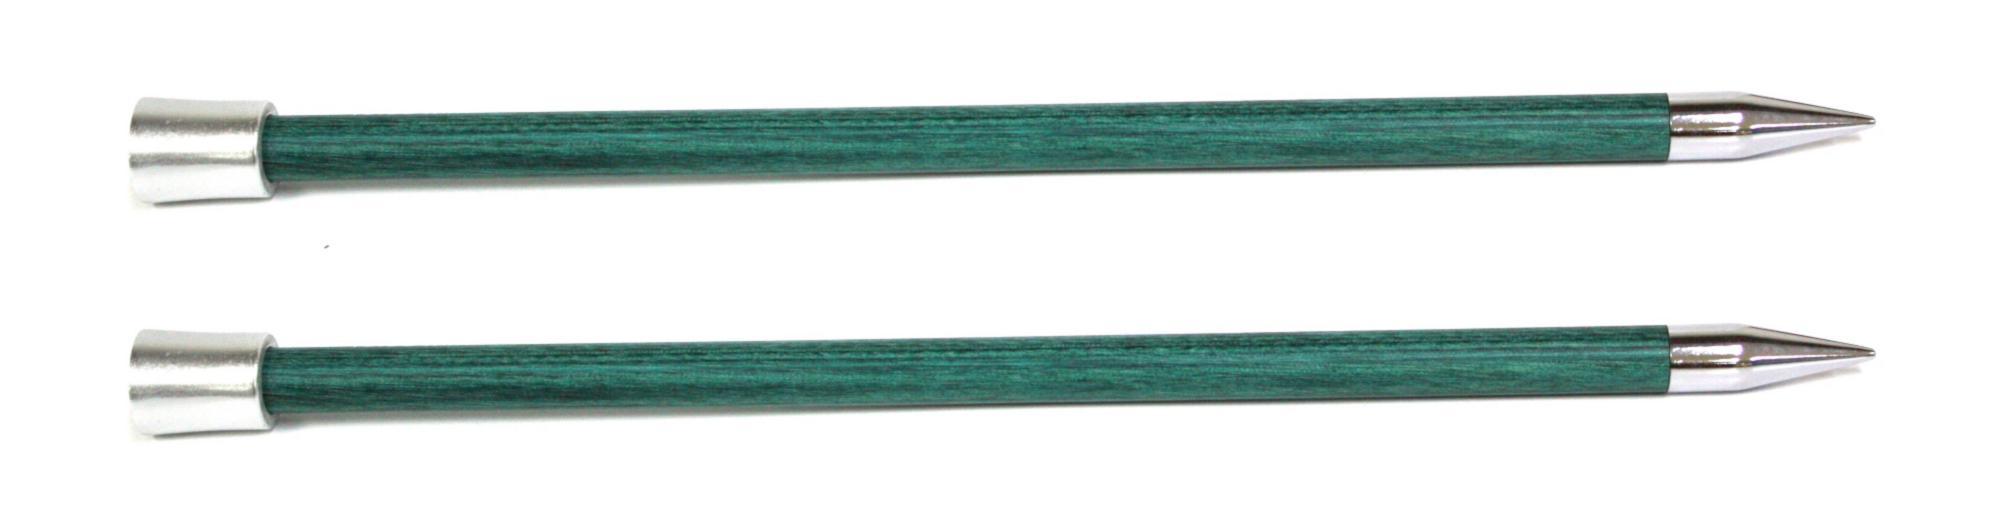 Спицы прямые 25 см Royale KnitPro, 29184, 10.00 мм